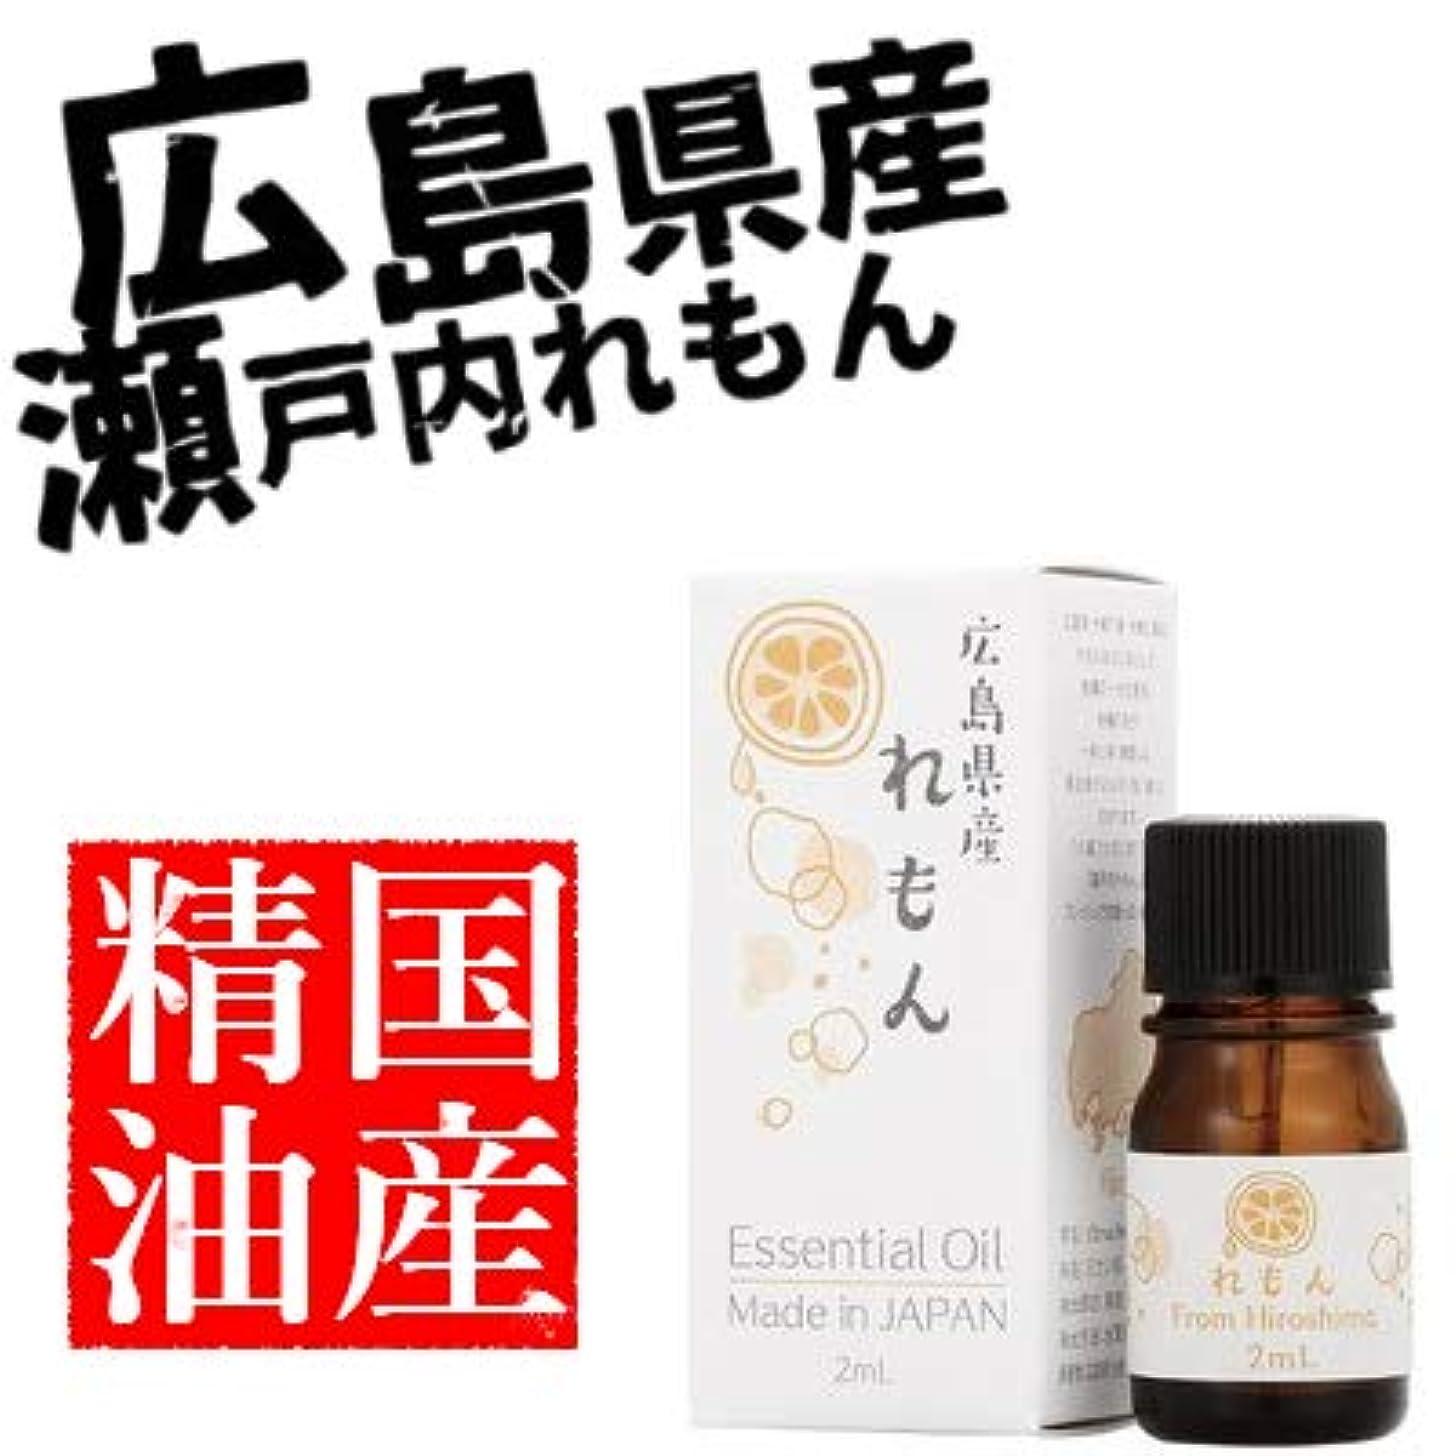 自然公園ソブリケット地殻日本の香りシリーズ れもん エッセンシャルオイル 国産精油 広島県産 2ml